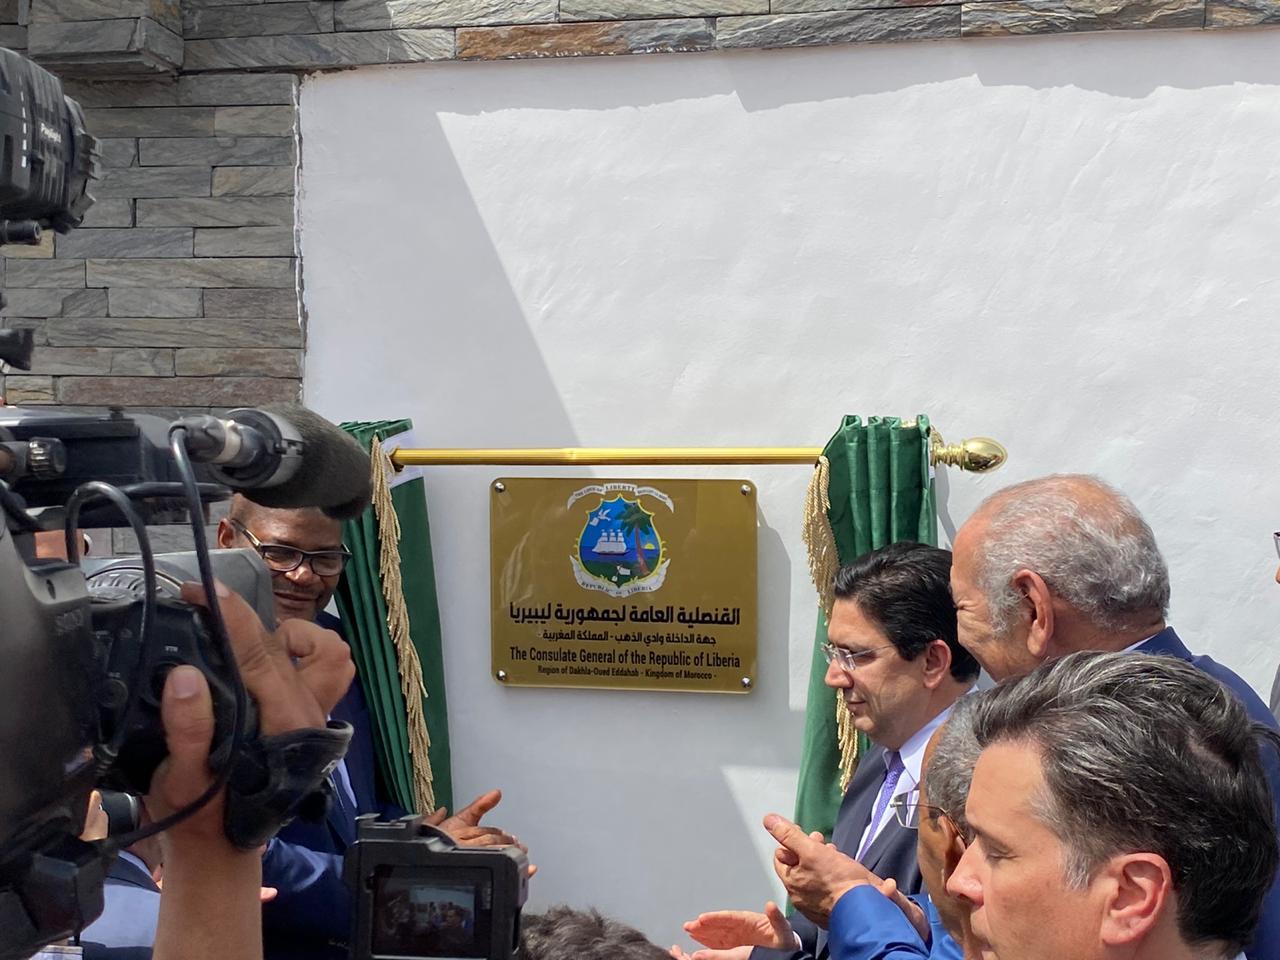 افتتاح 10 قنصليات بالأقاليم الجنوبية خلال شهرين